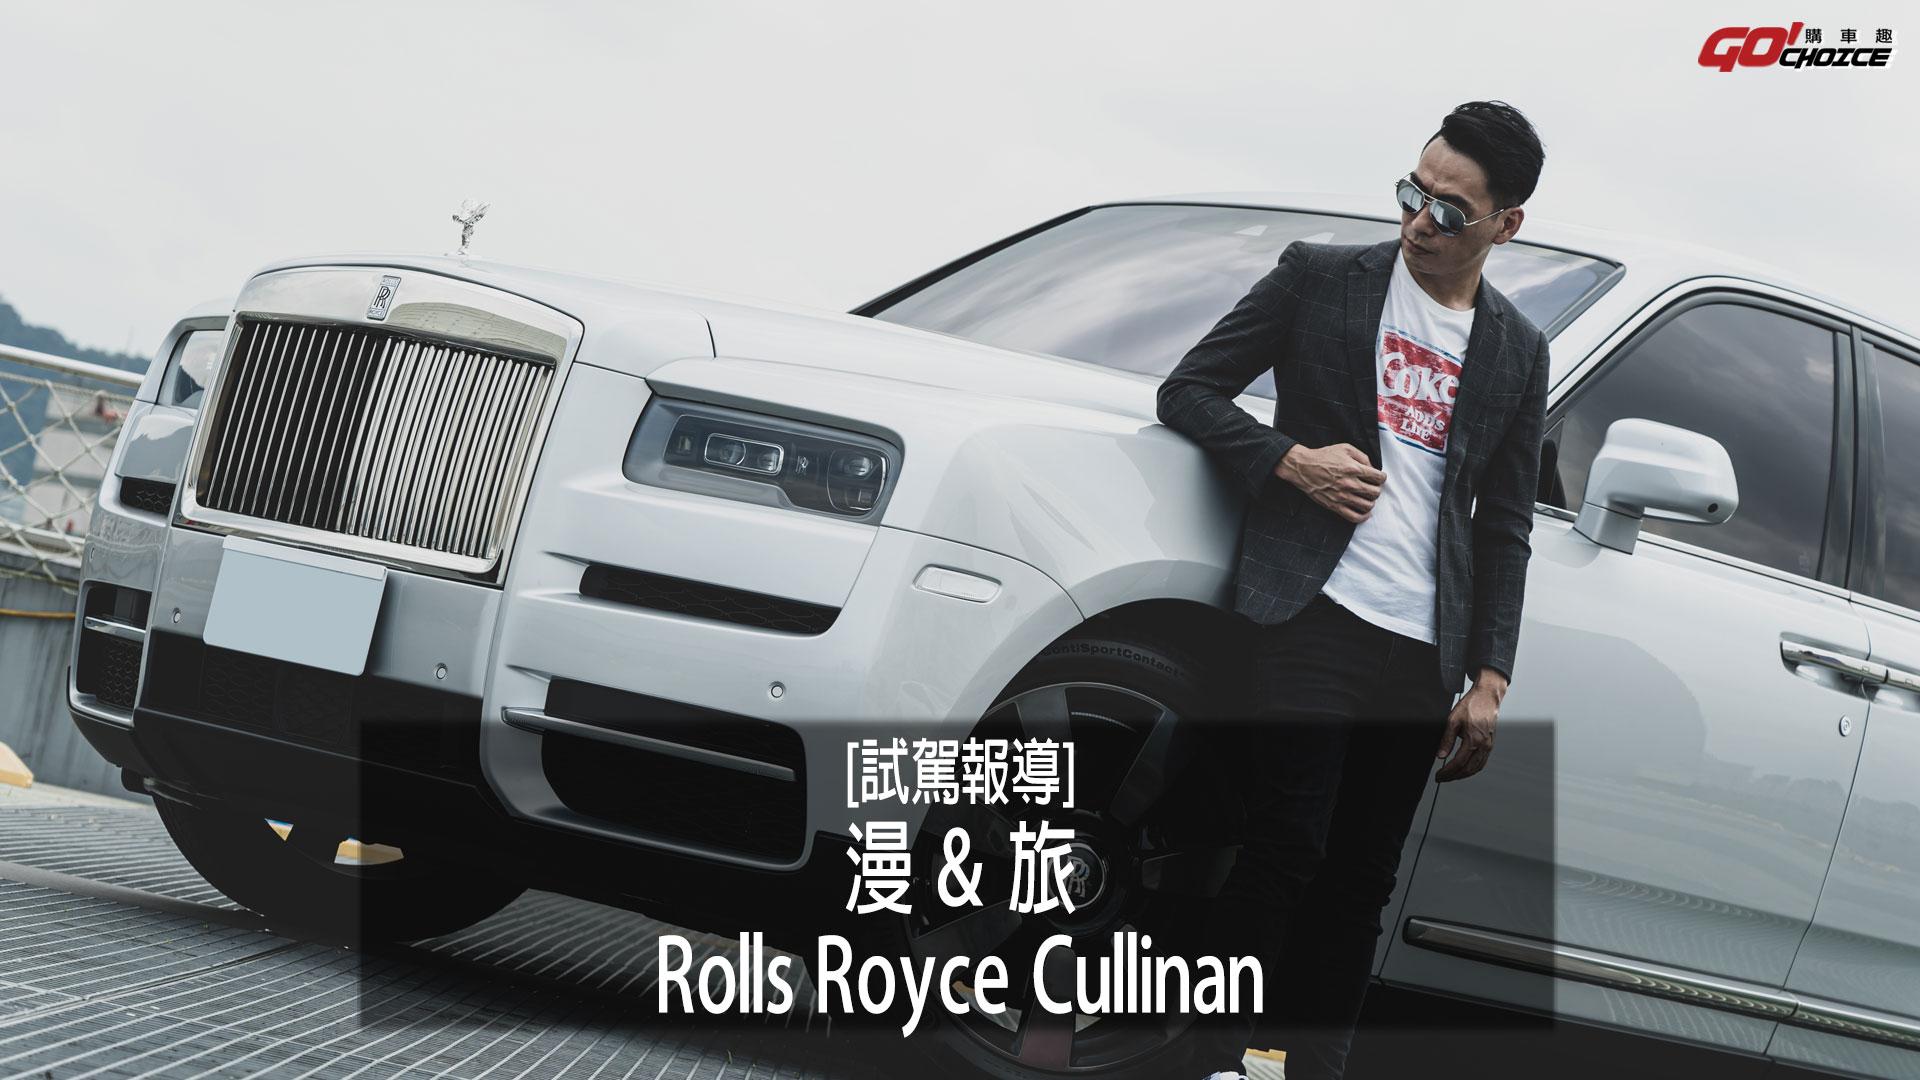 [試駕影片]漫&旅-Rolls Royce Cullinan